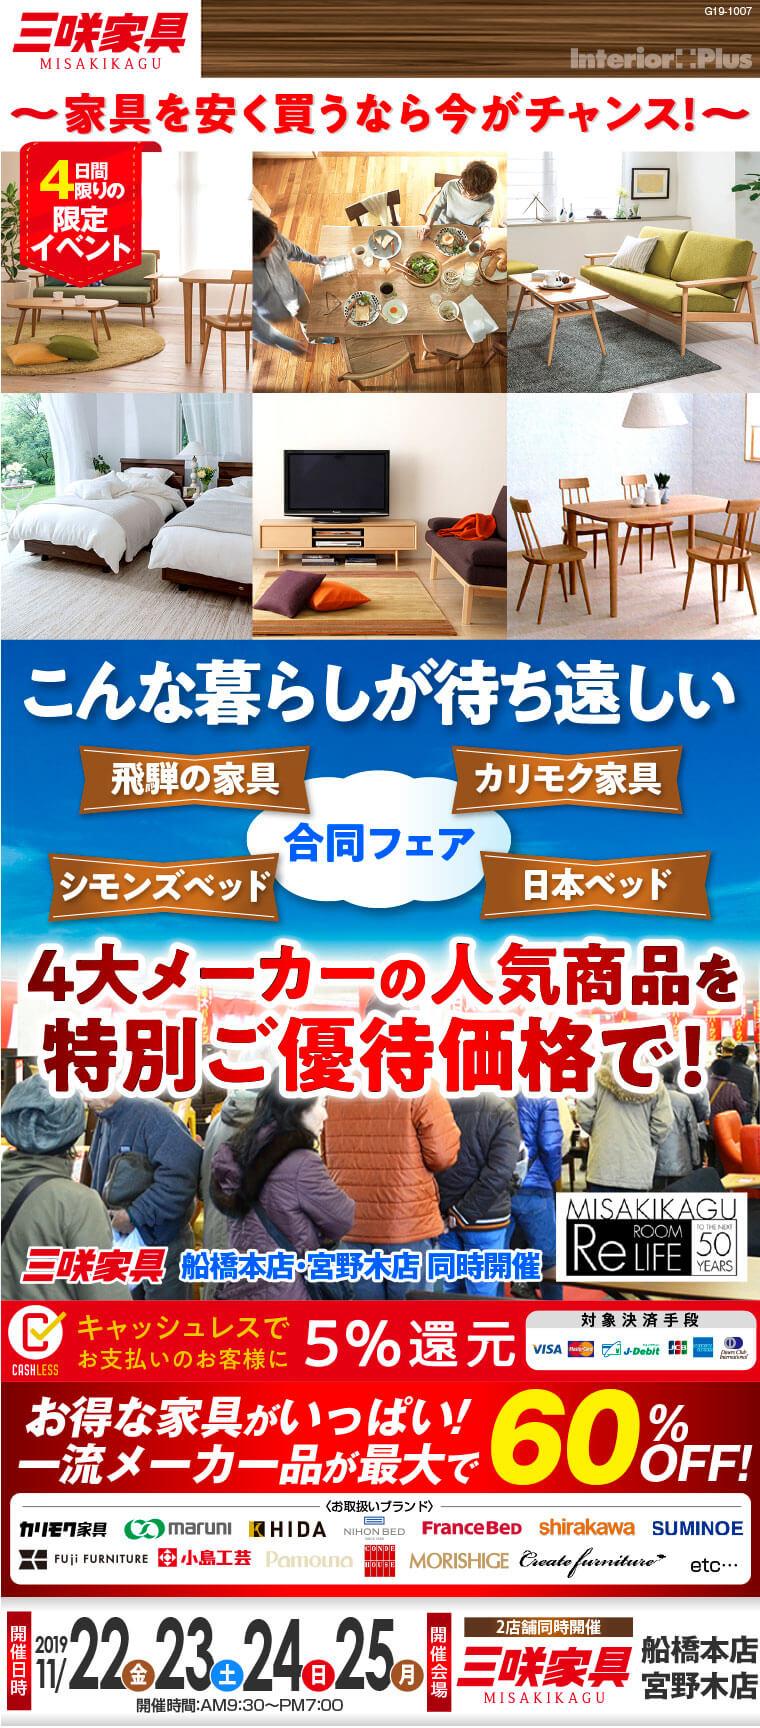 こんな暮らしが待ち遠しい|三咲家具 2店舗同時開催!